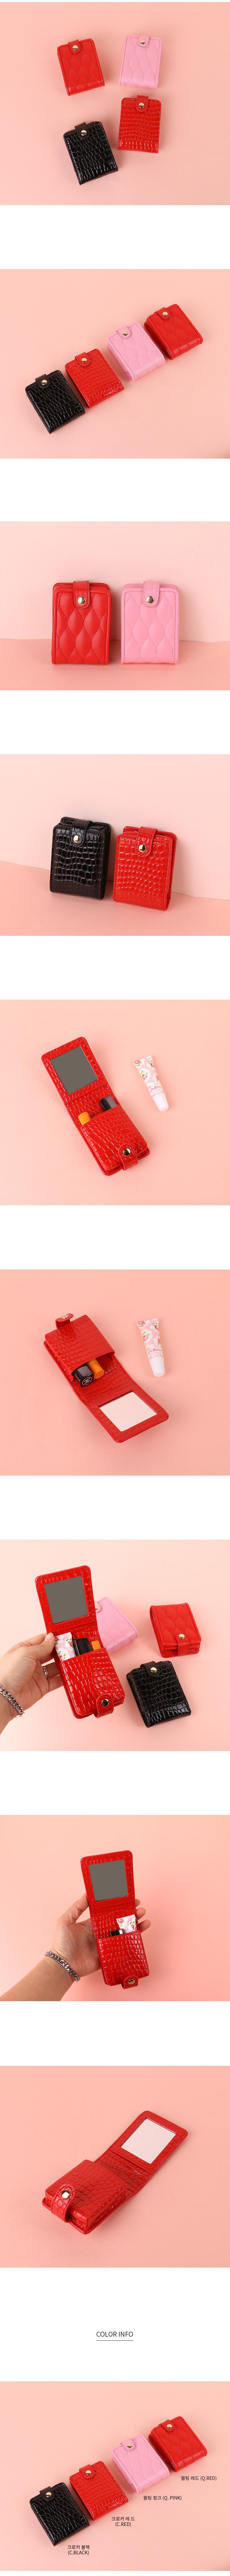 퀼팅 크로커 립스틱 거울 미니파우치 - 릴리, 24,700원, 다용도파우치, 지퍼형